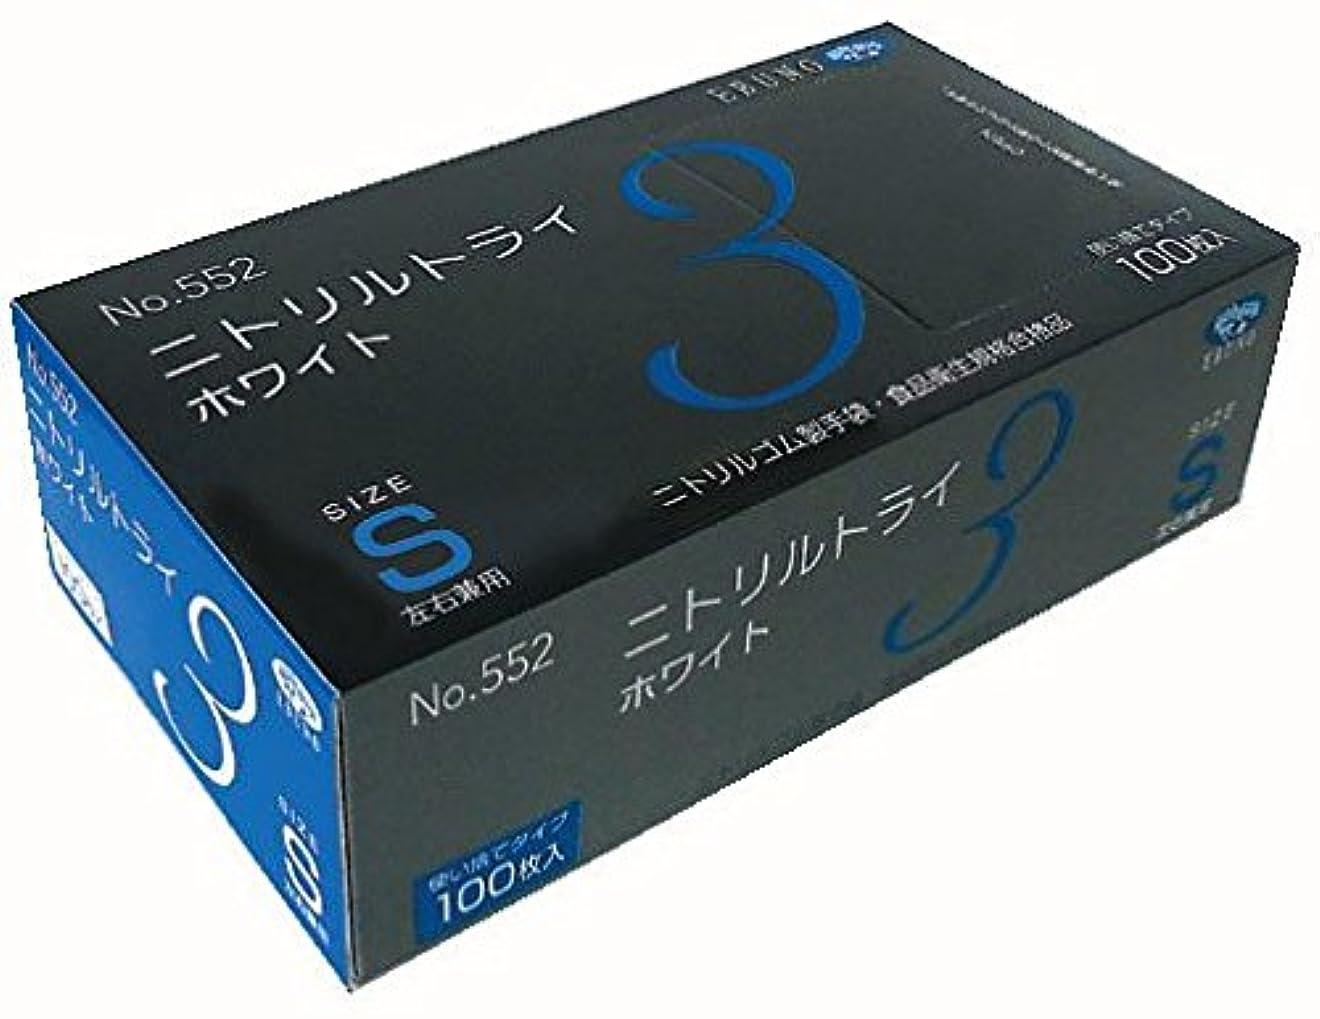 シチリア統合するローズニトリルトライ3 No.552 ホワイト 粉付 Sサイズ 100枚入